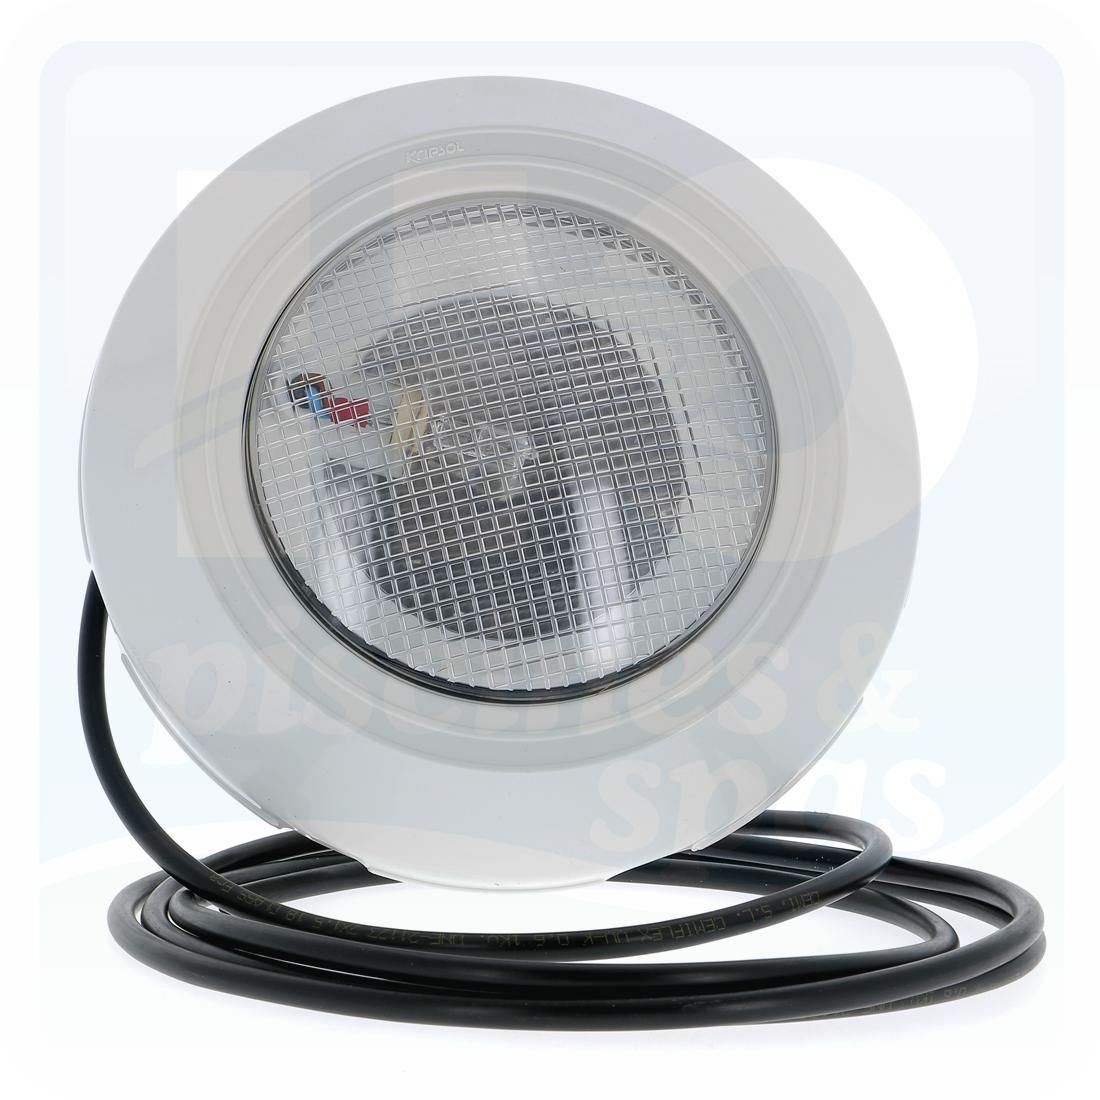 Projecteur Halogène - Kripsol - 100 W - 12 V Pour Piscine Coque Polyester -  Blanc - H2O Piscines & Spas encequiconcerne Projecteur Led Piscine